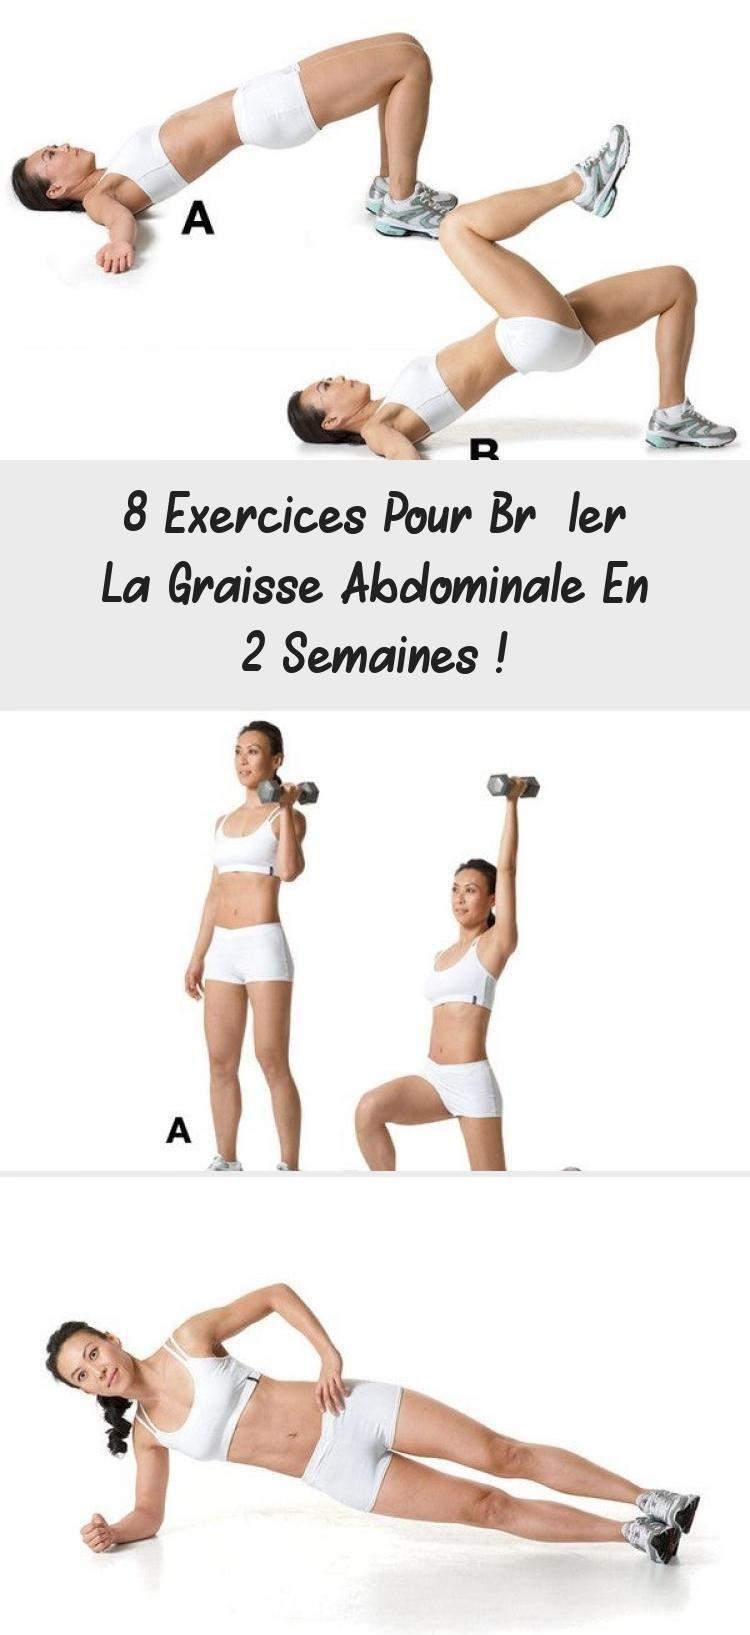 Entraînement brûle graisse (PDF à télécharger) | Exercices handball, Hiit, Exercice hiit